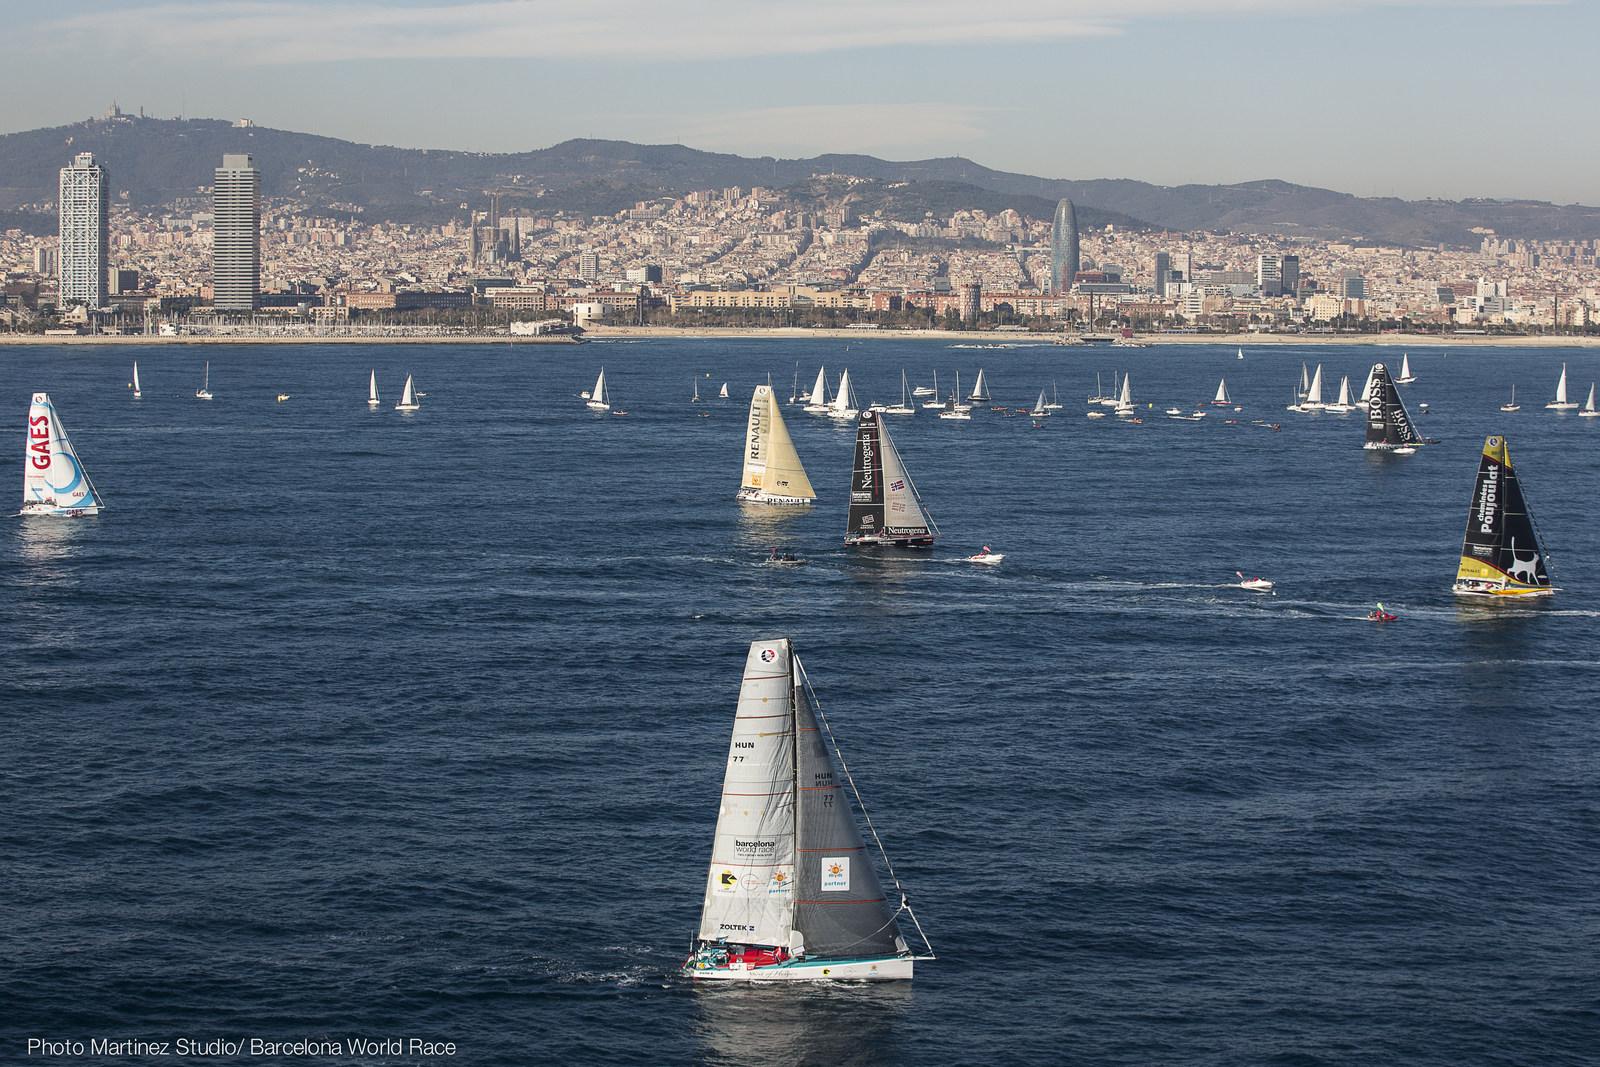 Barcelona World Race 2014/2015